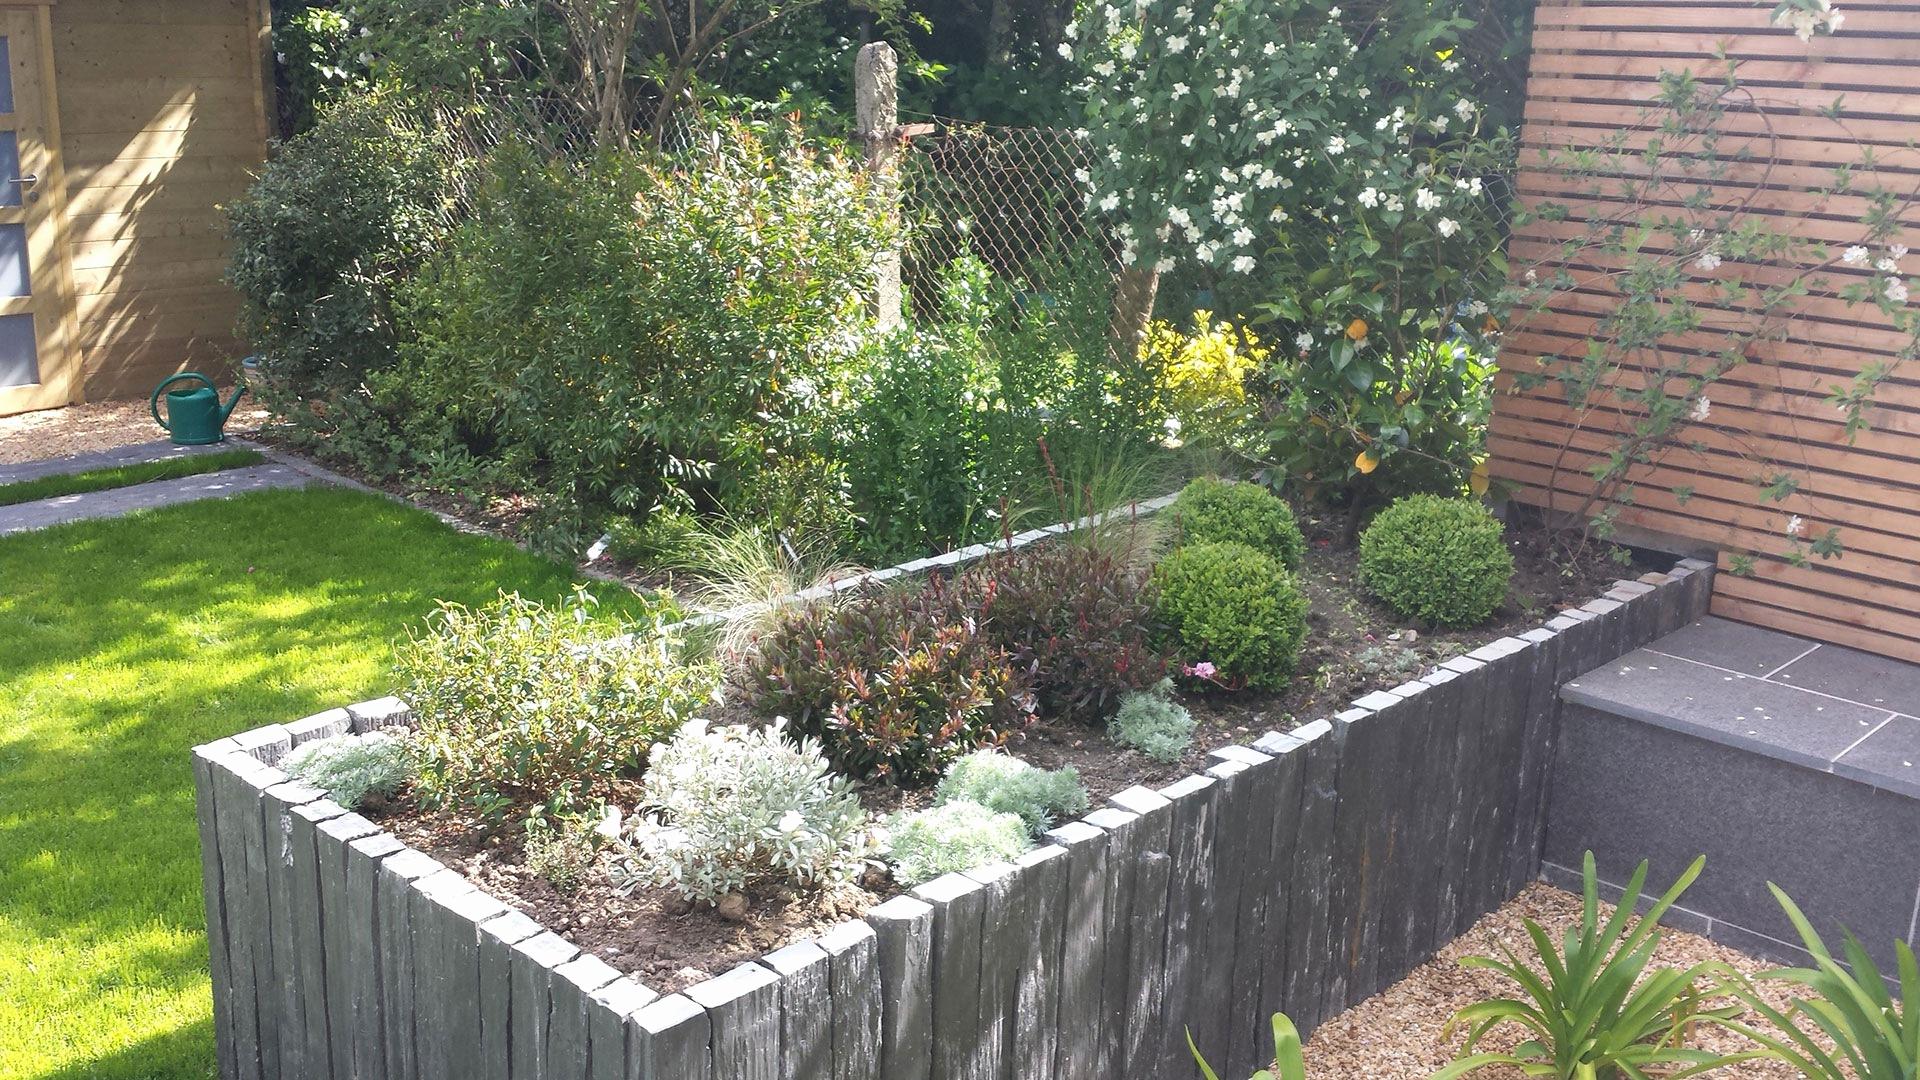 Bordure Jardin Pas Cher - Idees Conception Jardin | Idees tout Bordure Jardin Pas Cher